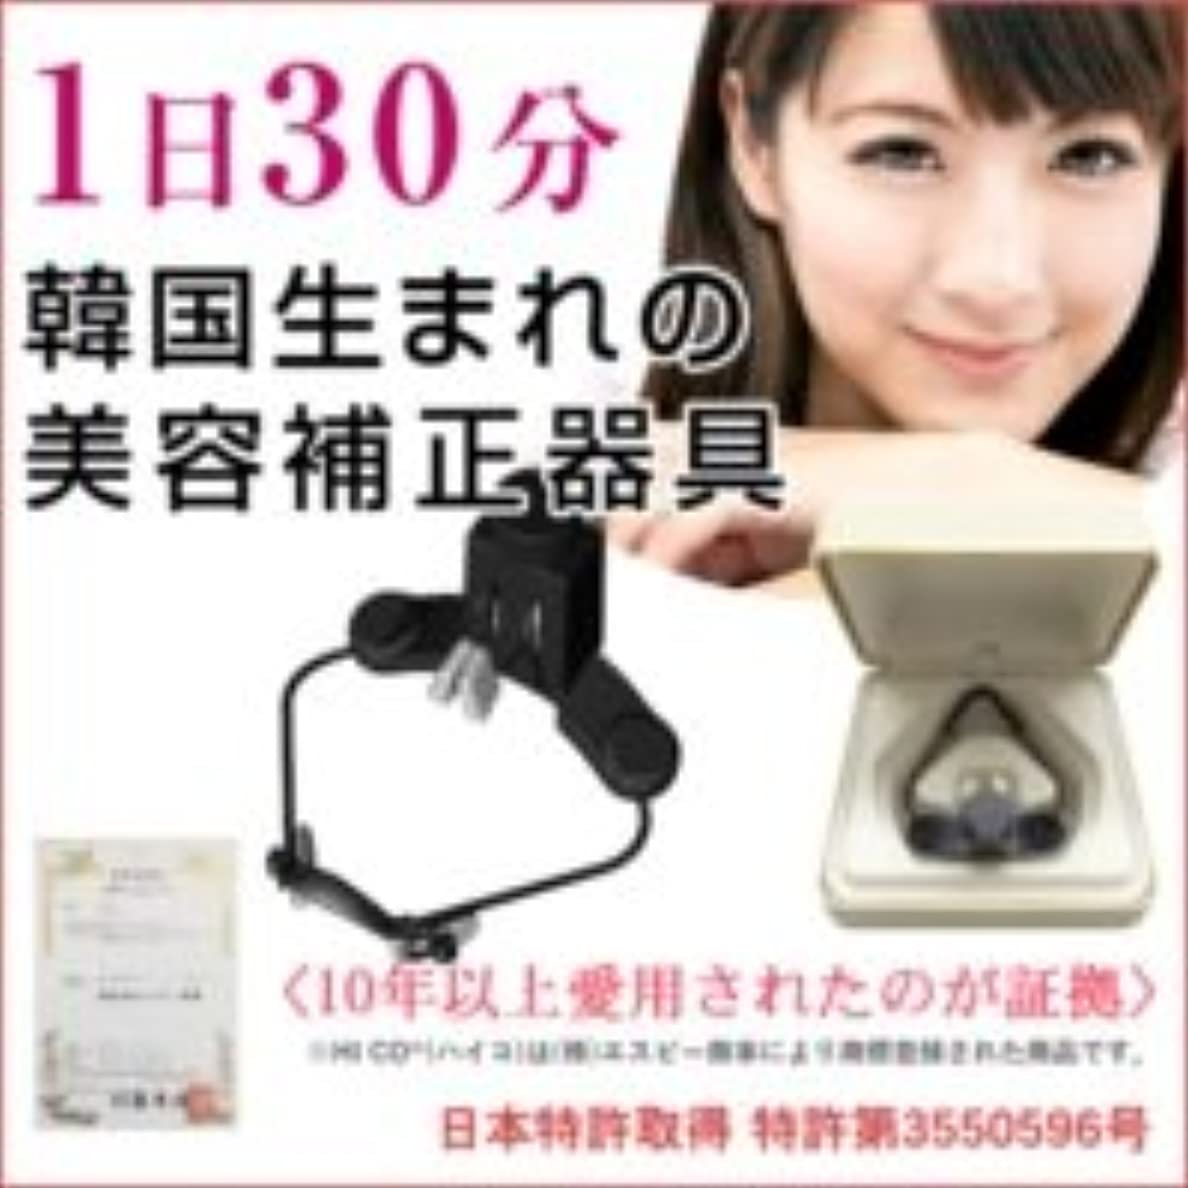 子供時代アトラスプーノハイコ (HICO) 美鼻補整器具